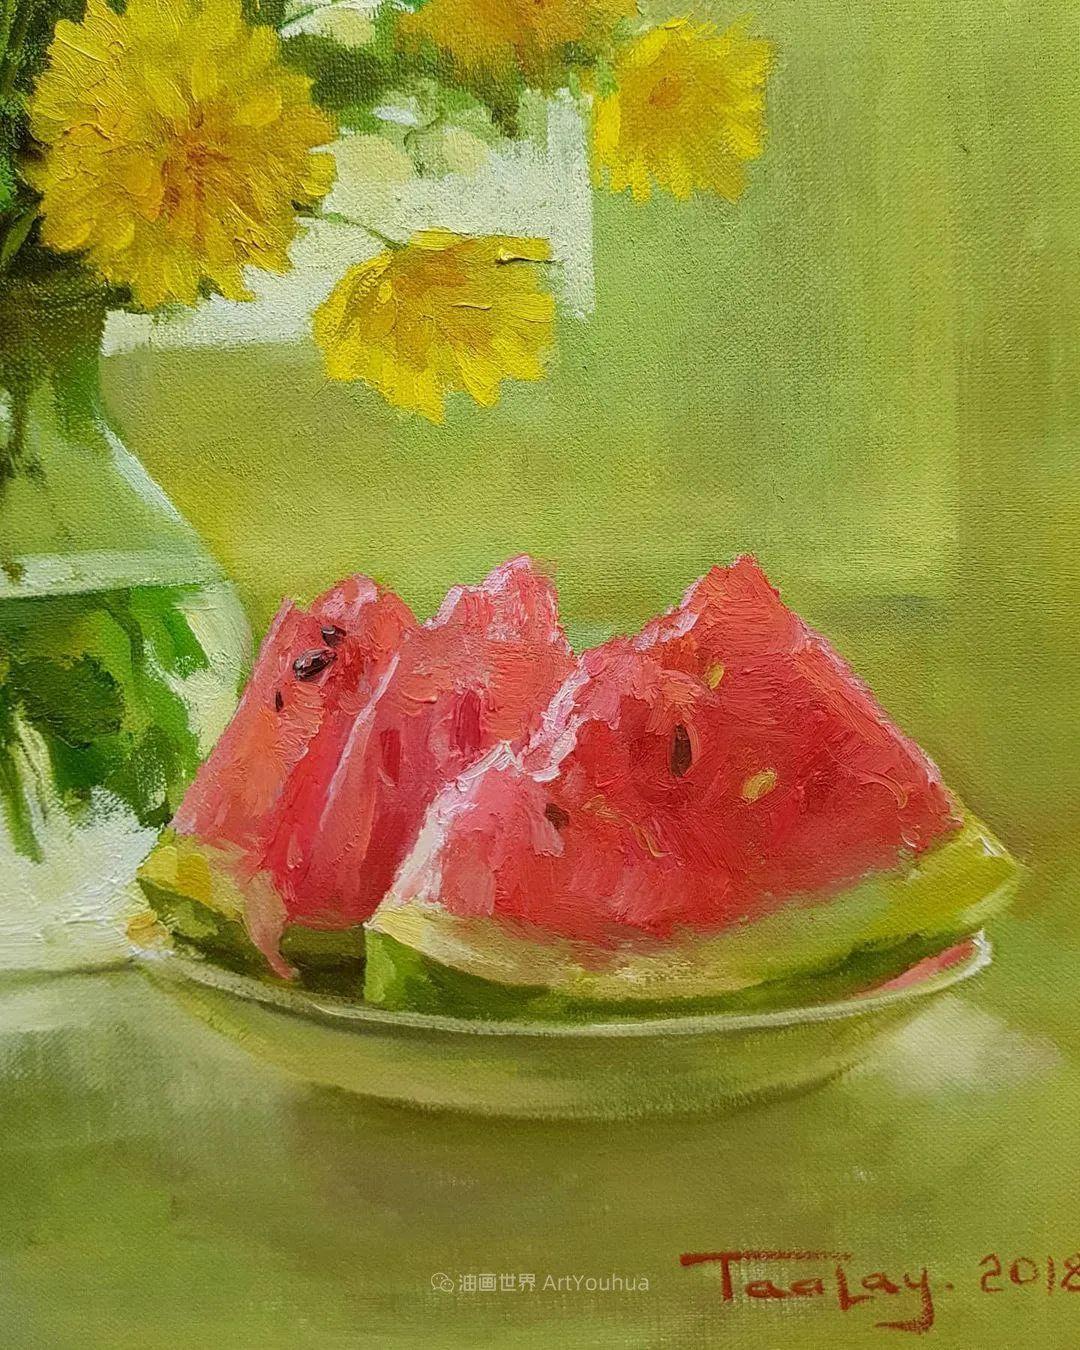 他的花儿如此生动和明亮,充满了光和微妙的东方哲学!插图19